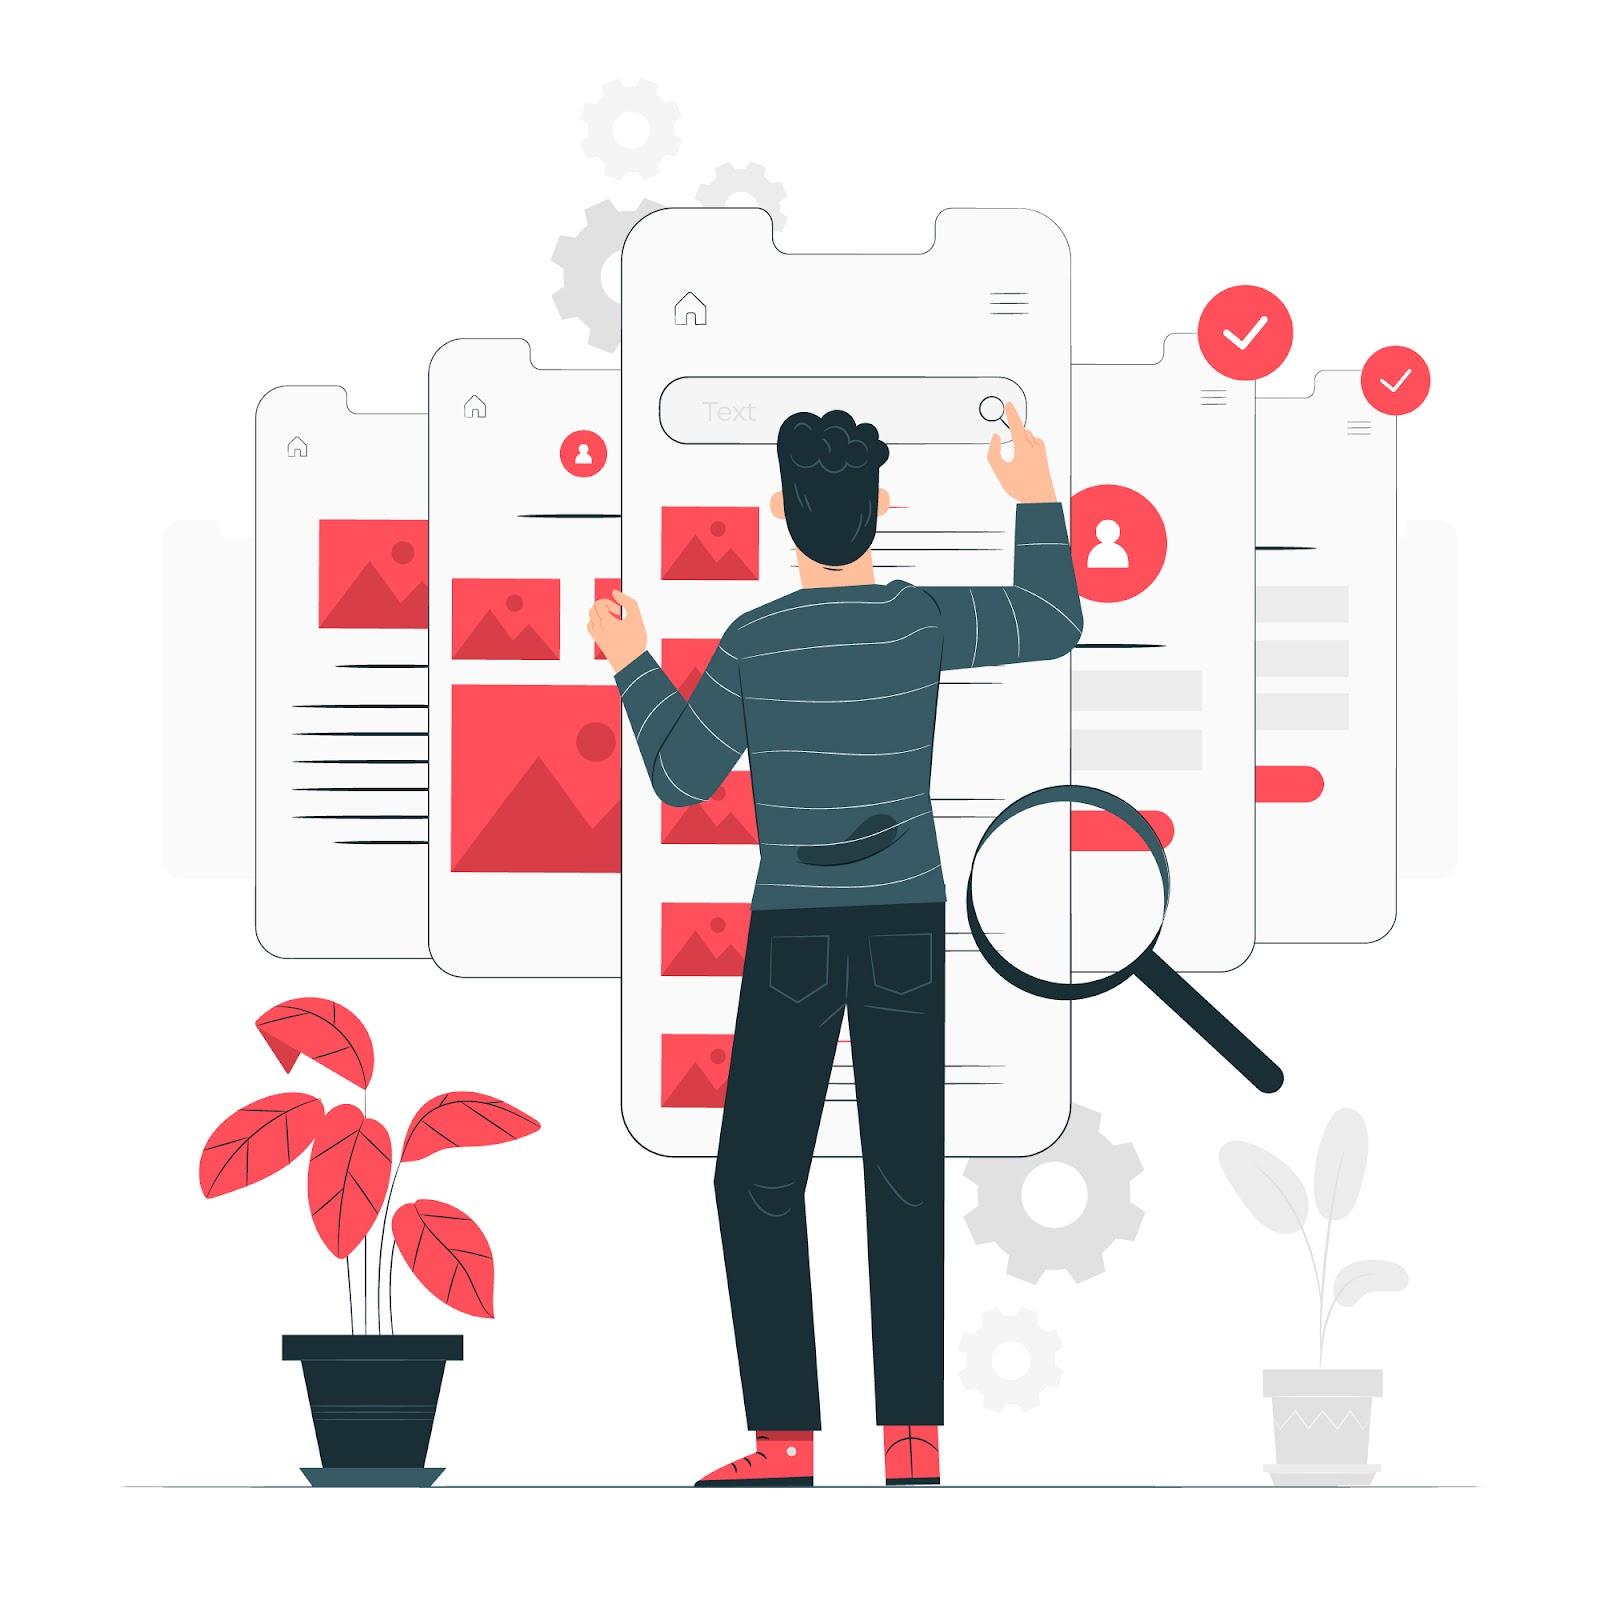 ilustração de pessoa fazendo o designer para melhorar a experiência do usuário